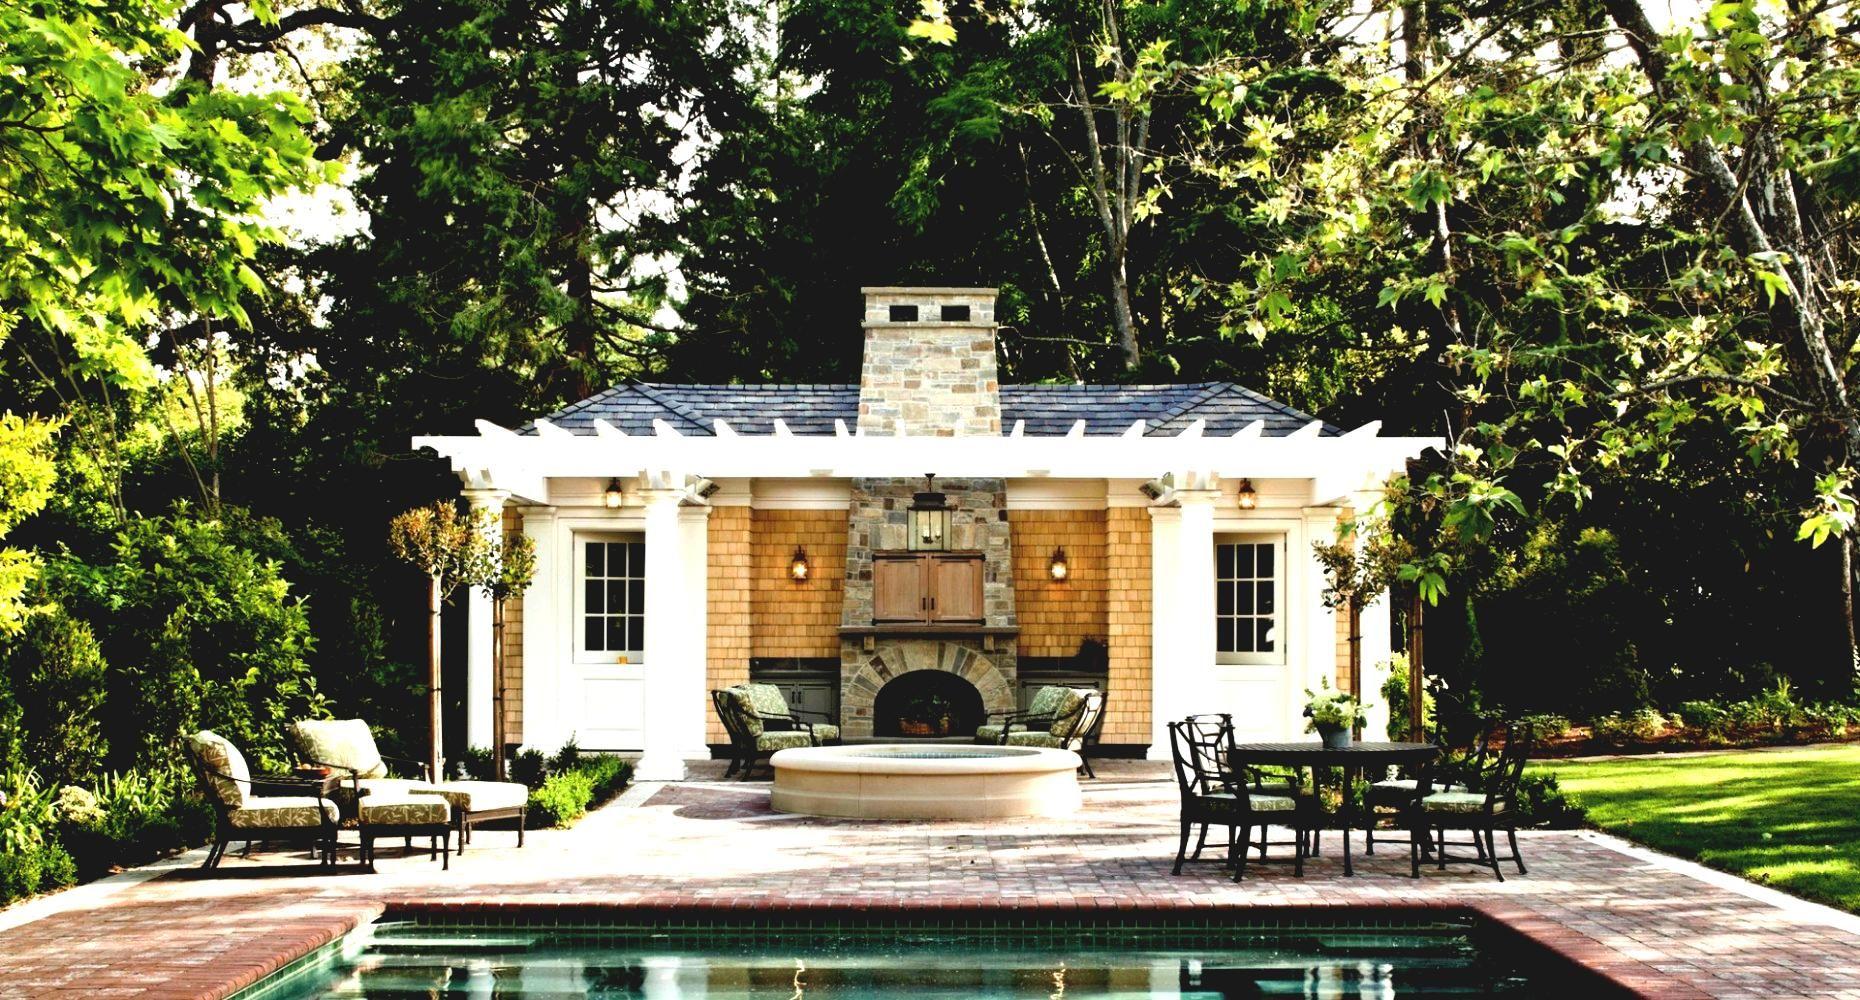 backyard pool houses and cabanas 8 pool house cabana with